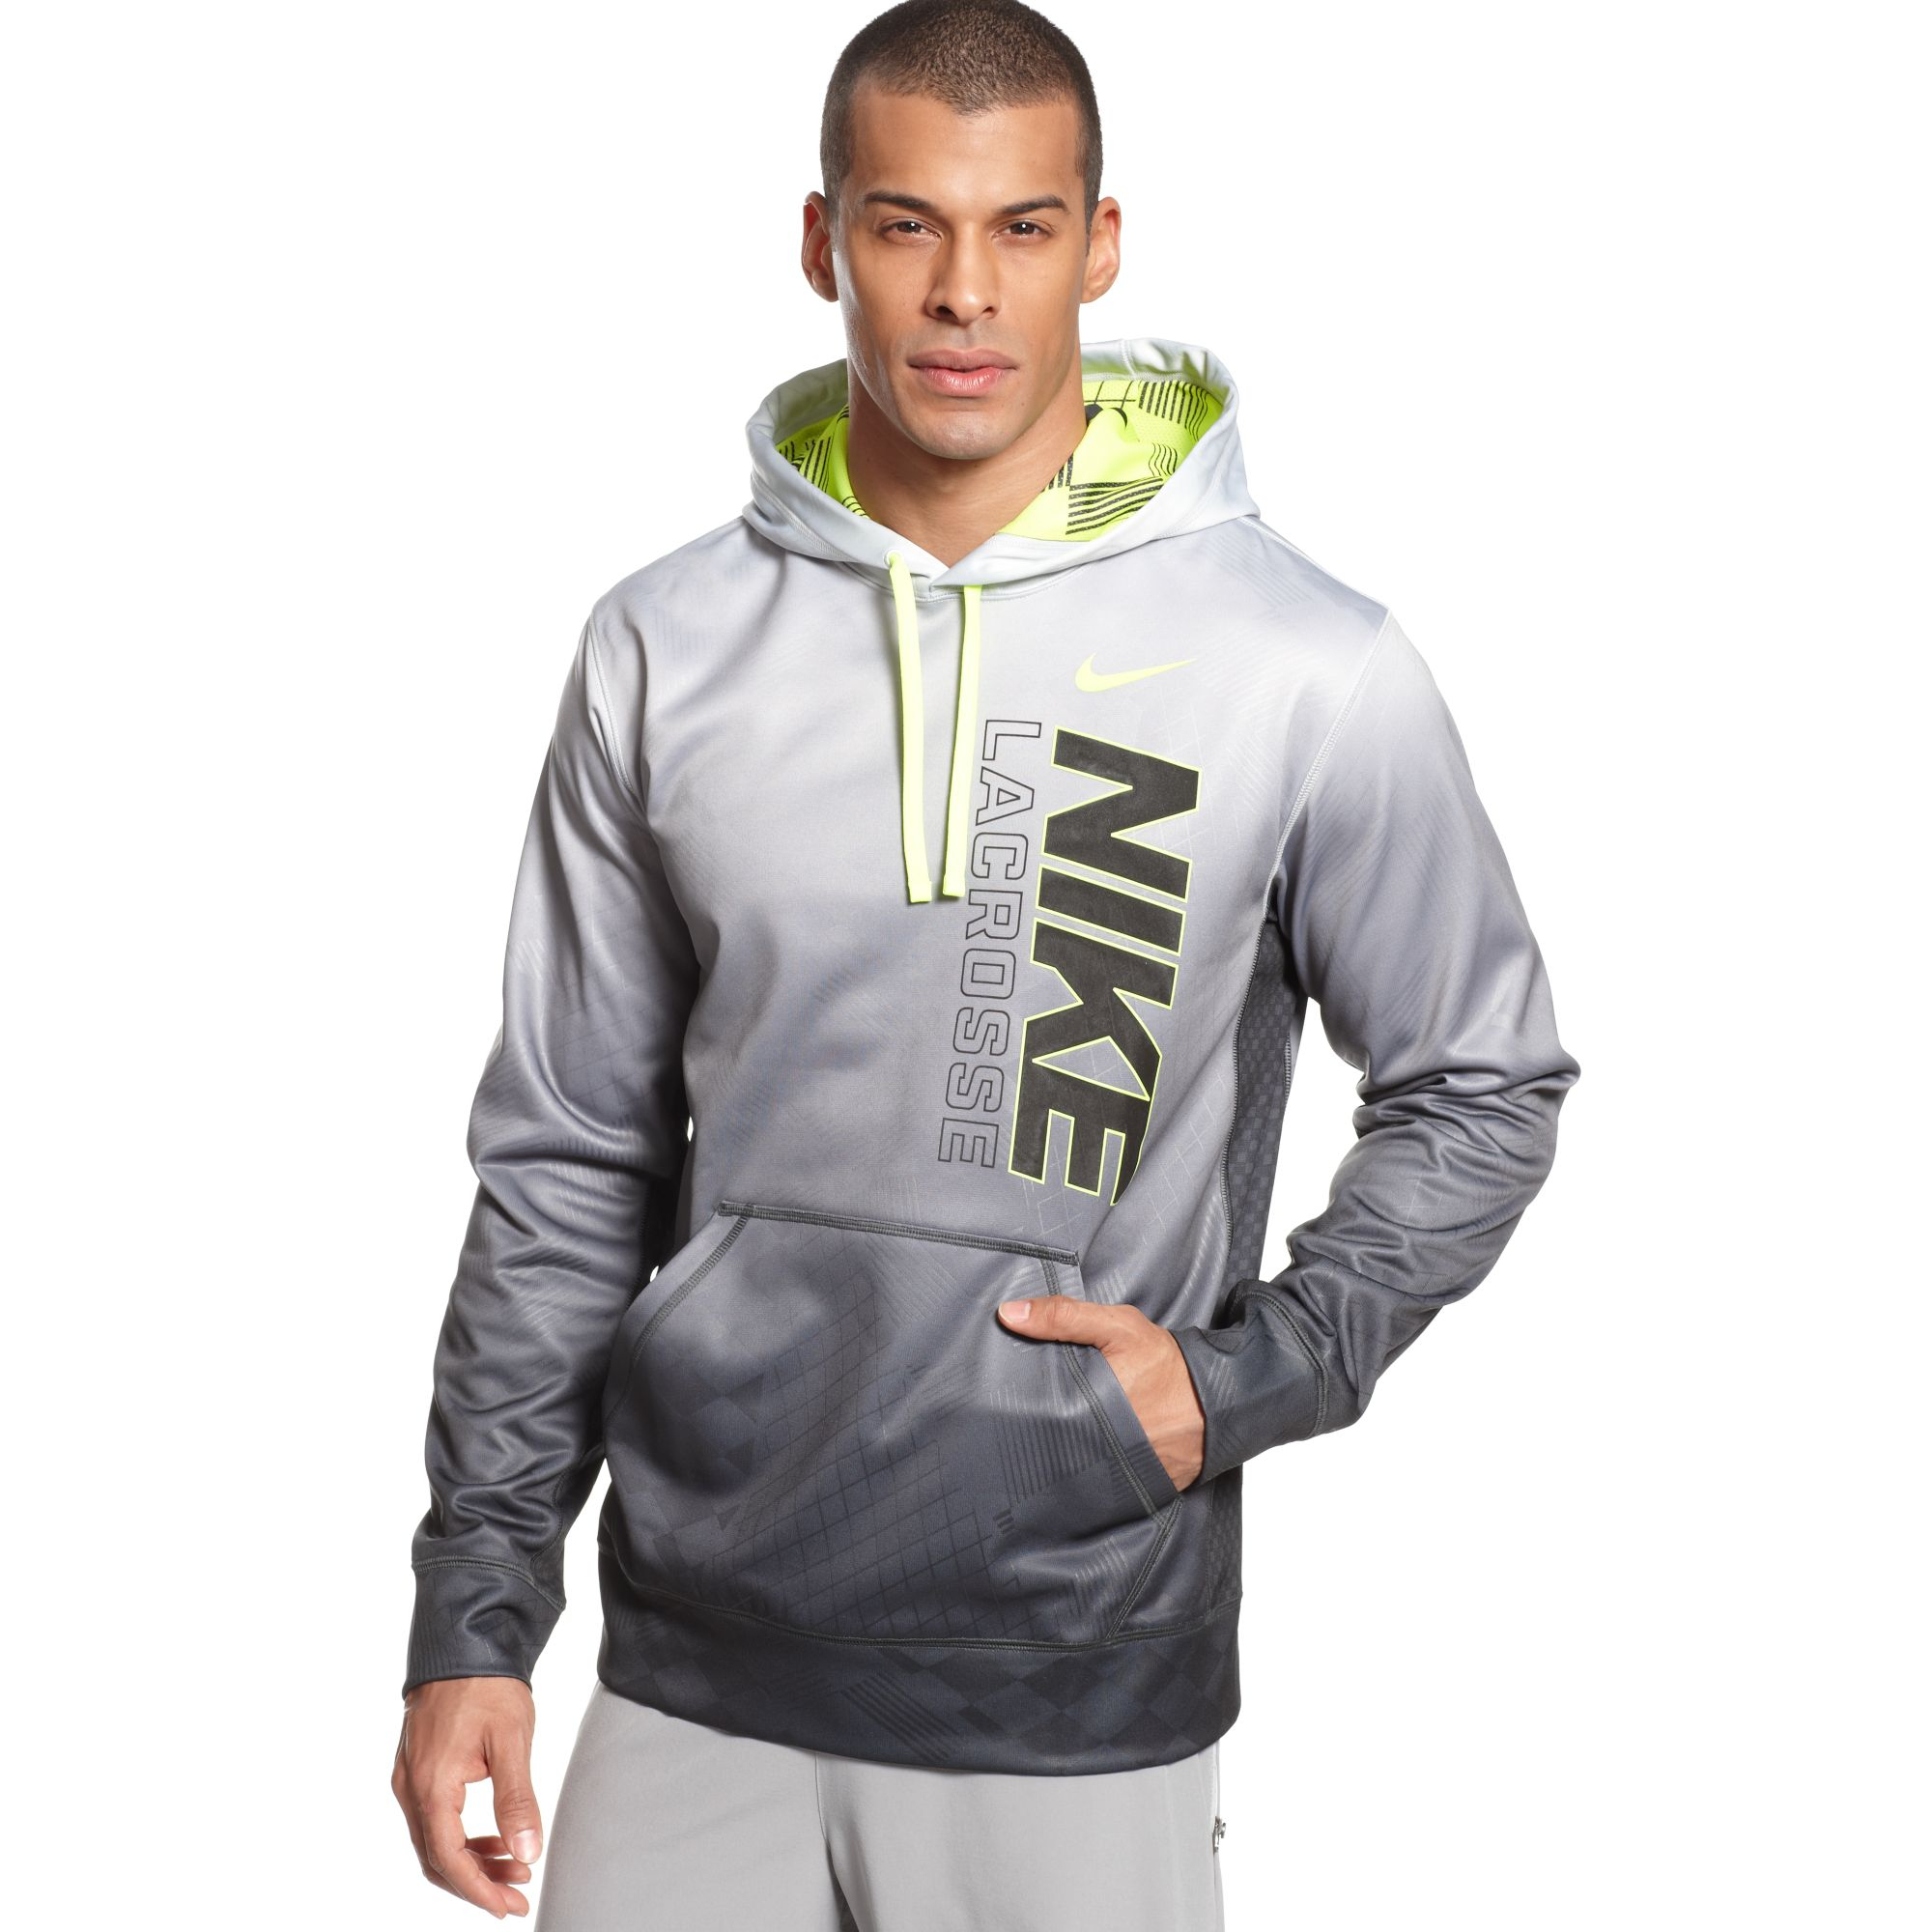 Lyst - Nike Lacrosse Printed Hoodie in Gray for Men 1914ebf92